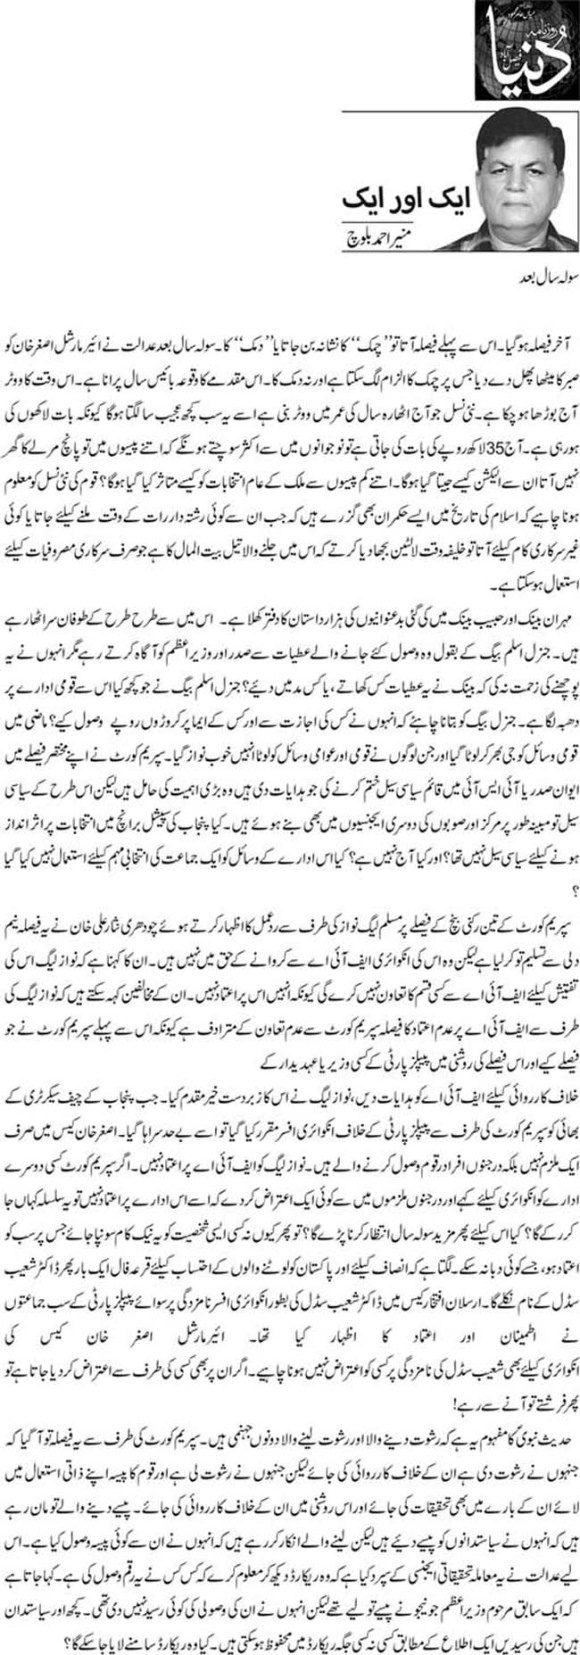 16 Saal baad - Munir Ahmed Baloch